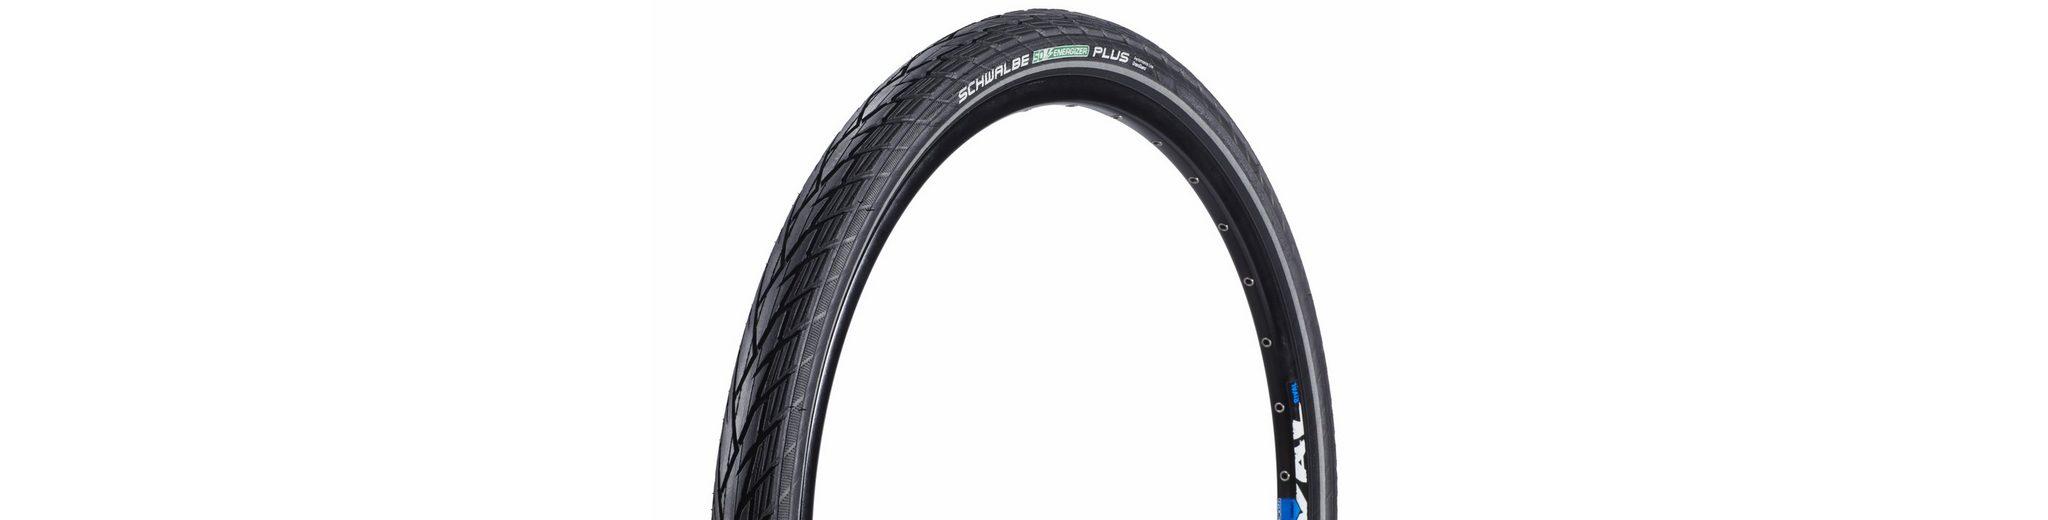 """SCHWALBE Fahrradreifen »Energizer Plus Performance 26"""" Twin Draht Reflex«"""